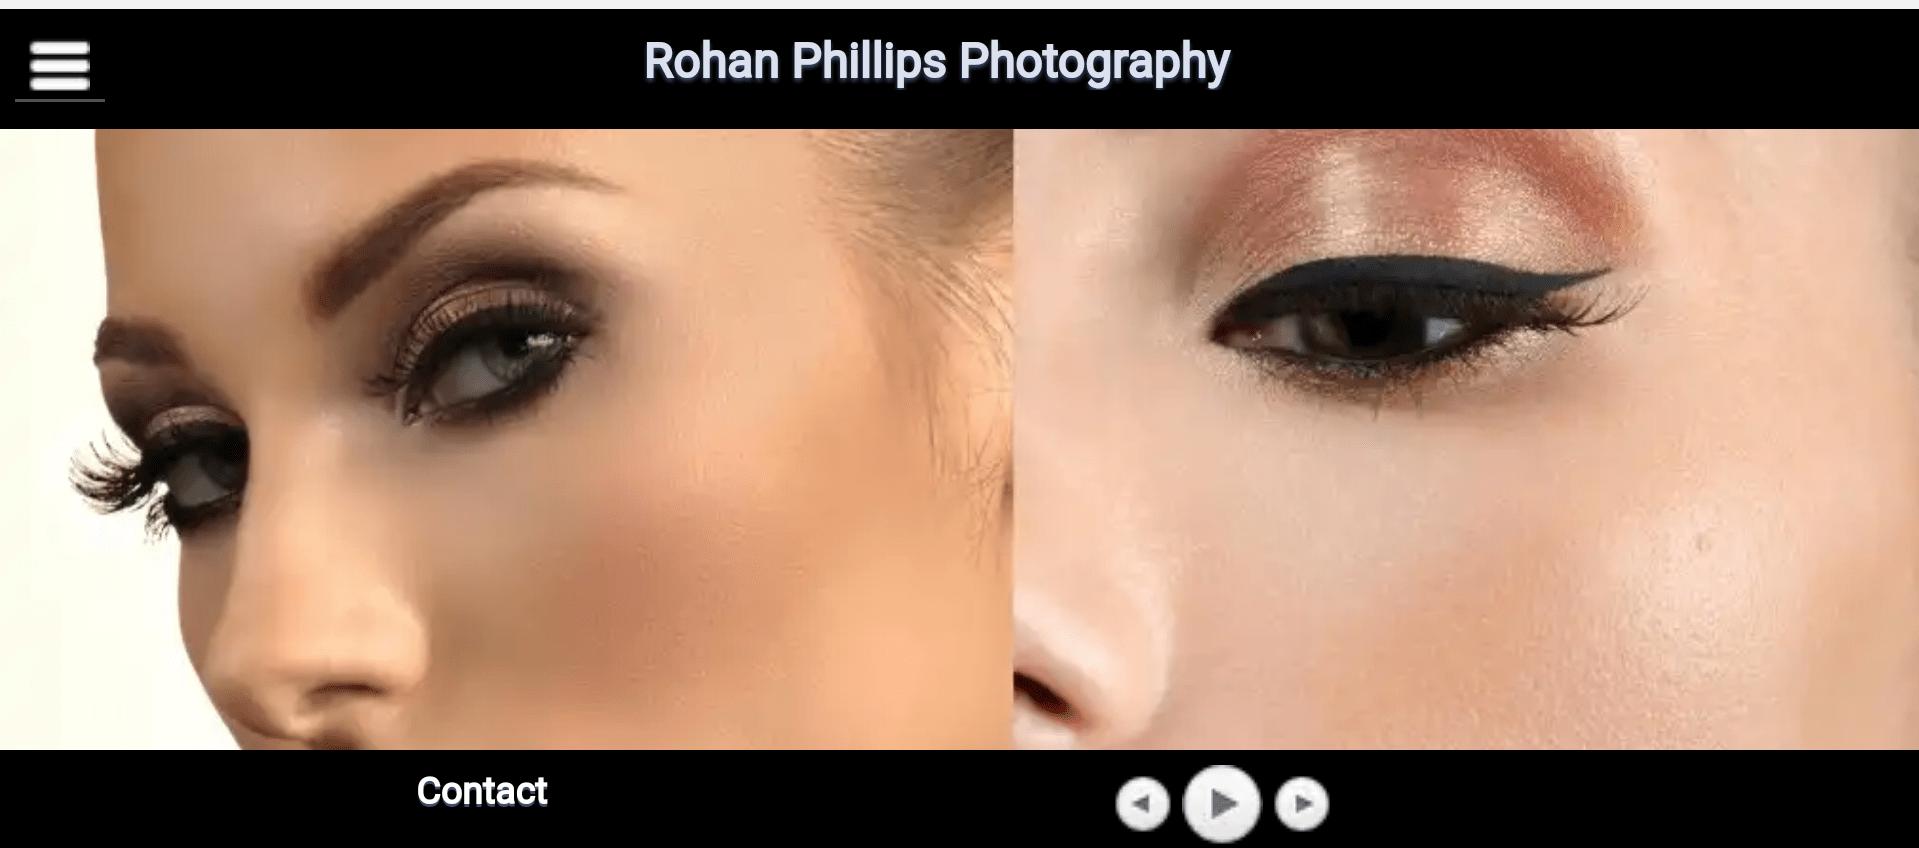 rohanphillipsphoto